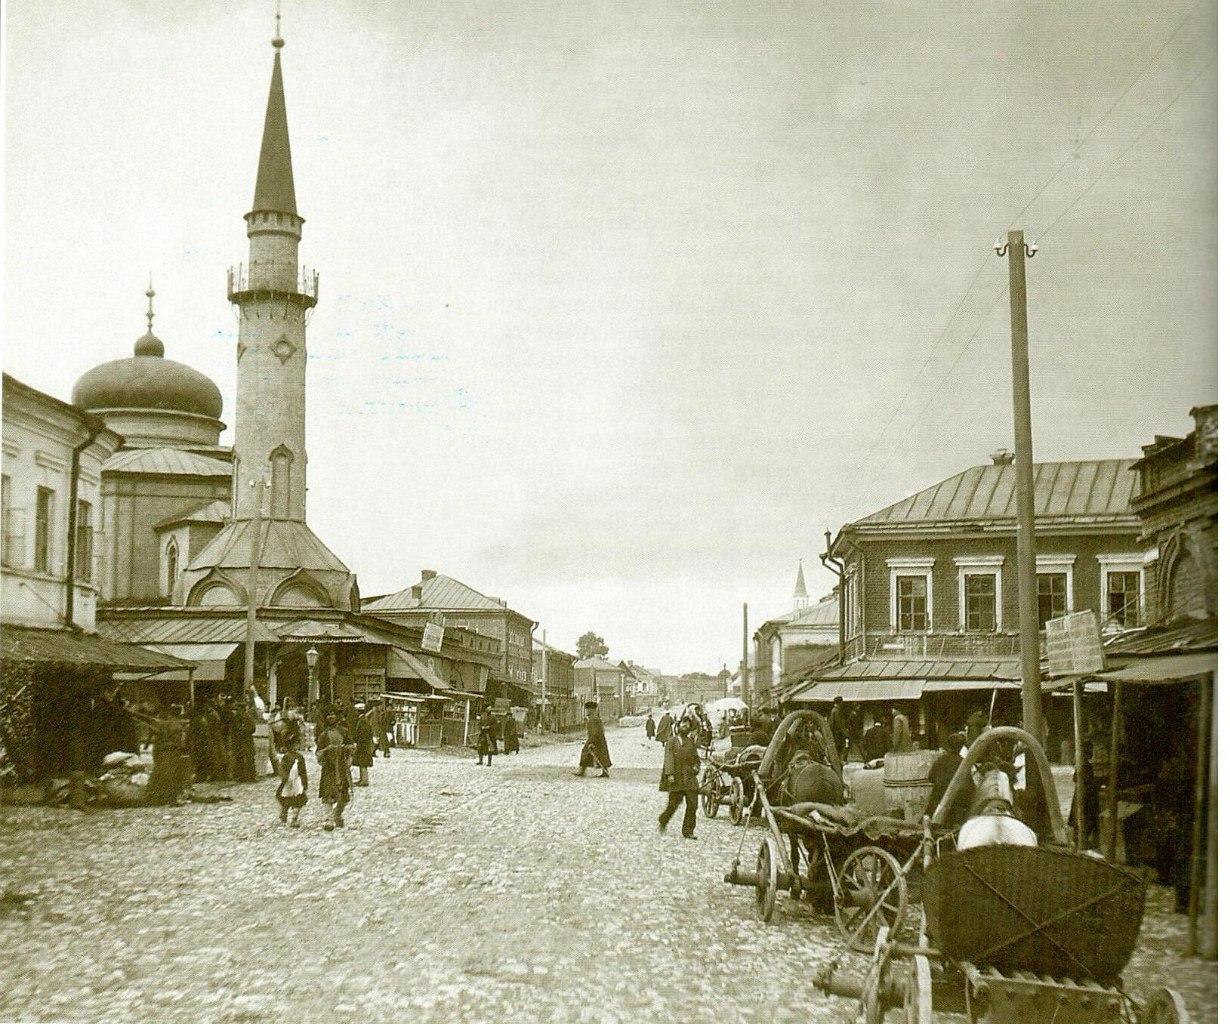 Сенной базар и мечеть